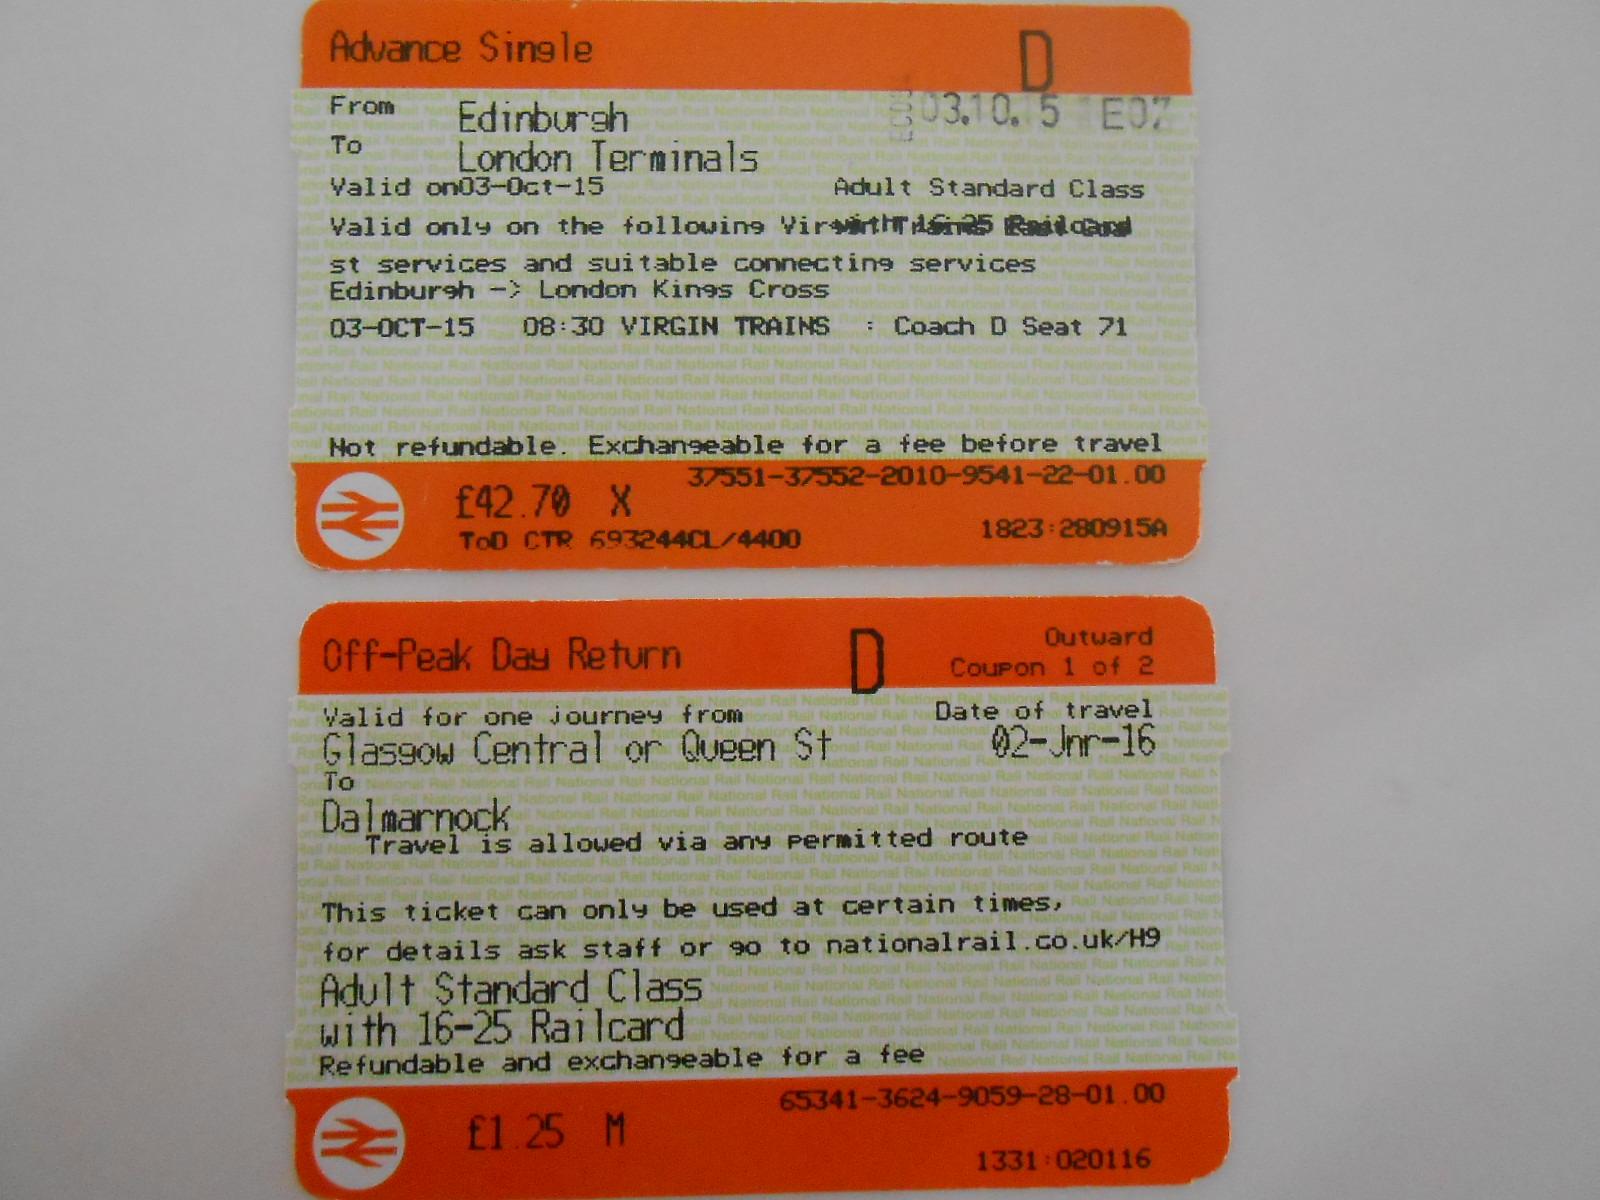 イギリスの鉄道 切符の種類について